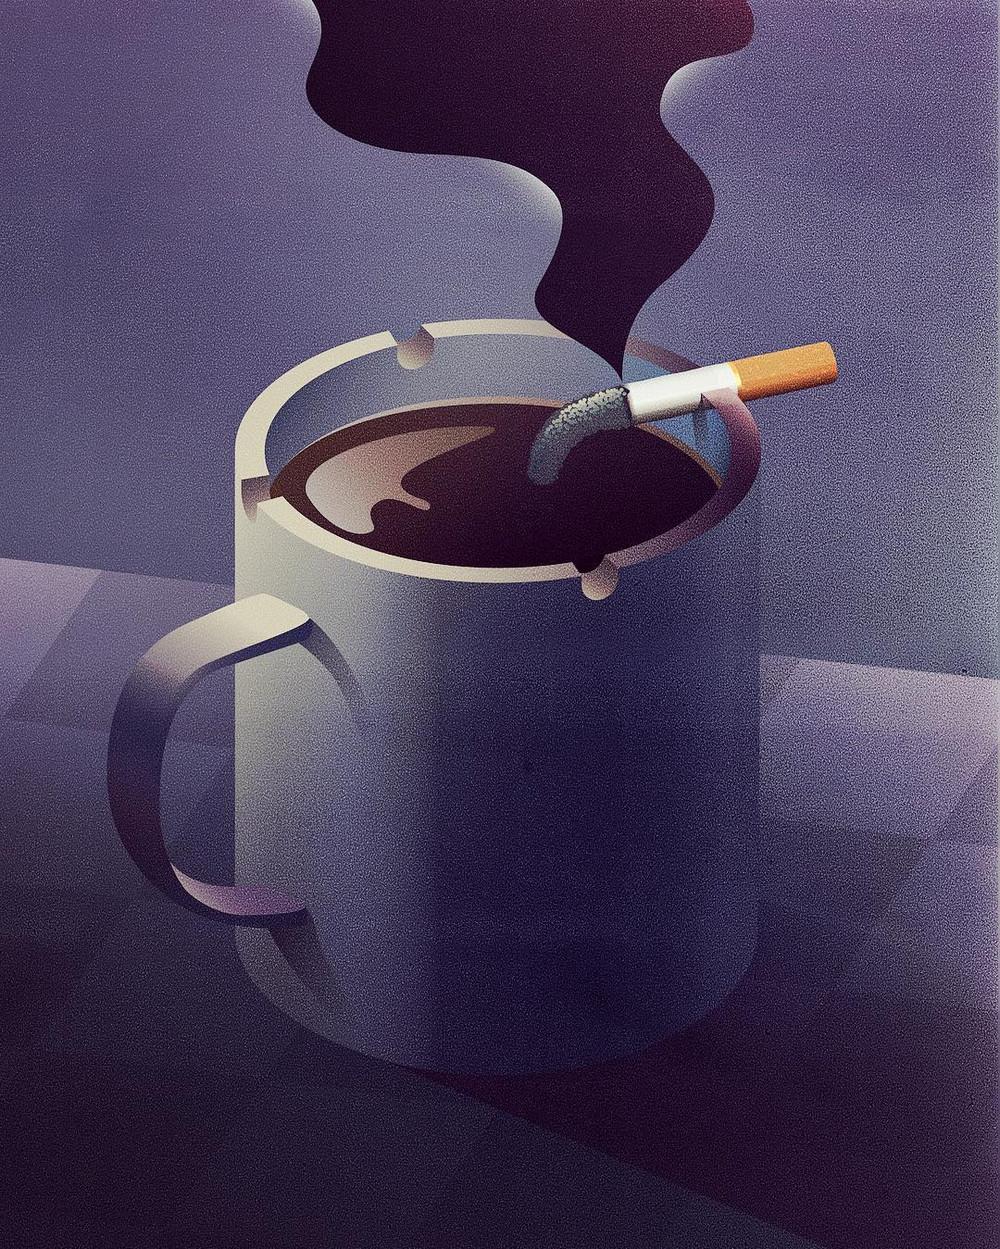 Концептуальные векторные иллюстрации от Яна Зимена